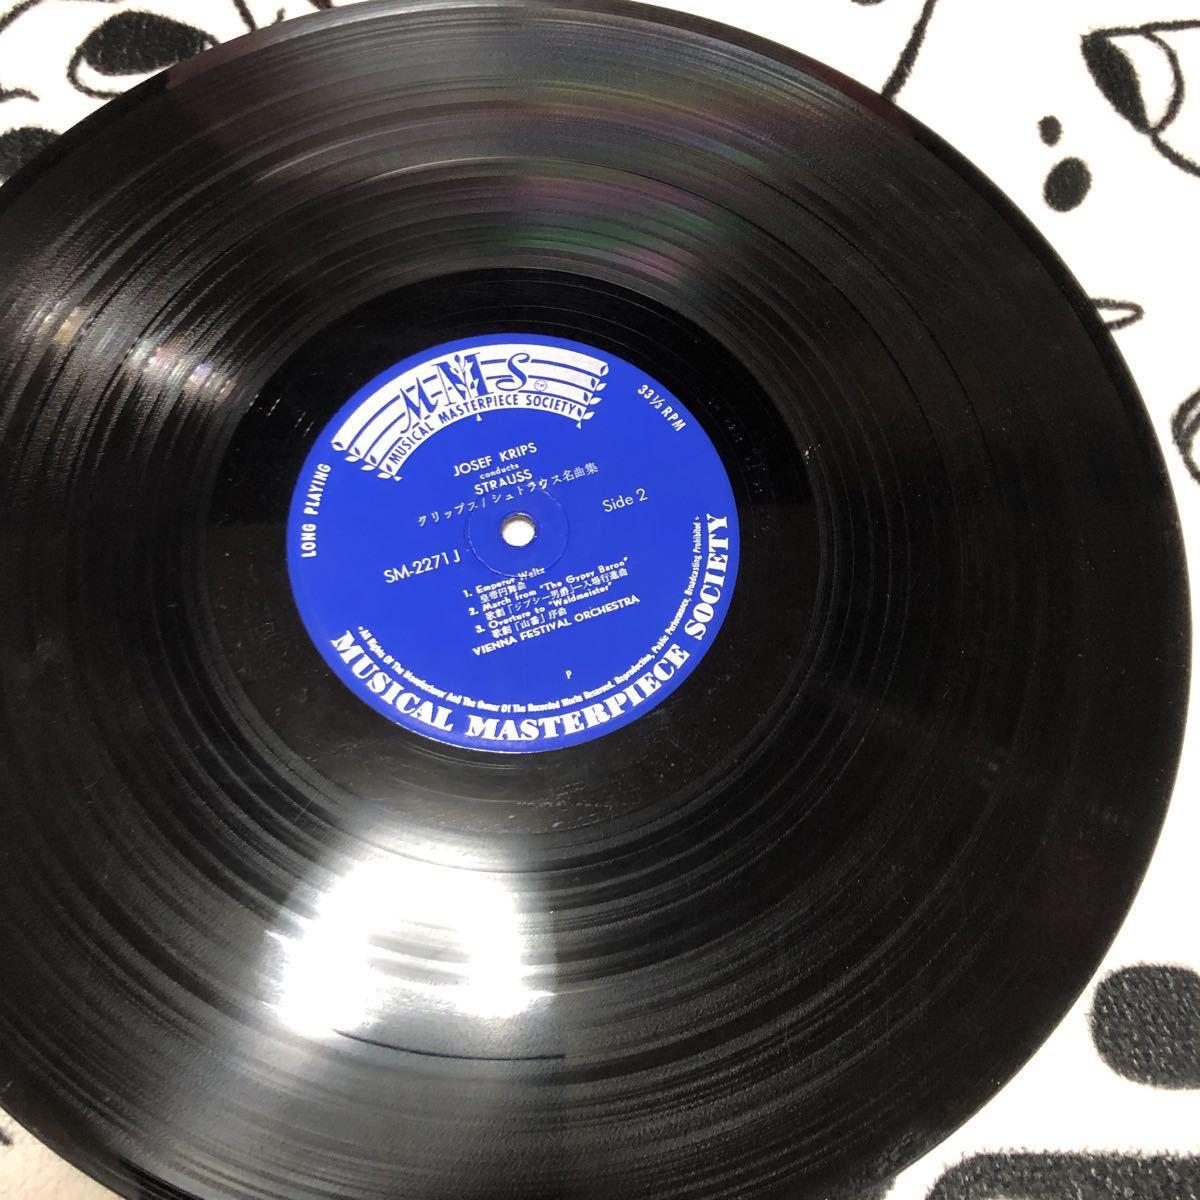 激レア盤★中さん★LPレコード★ JOSEF KRIPS ★クリップス シュトラウス名曲集★レコード多数出品中_画像5